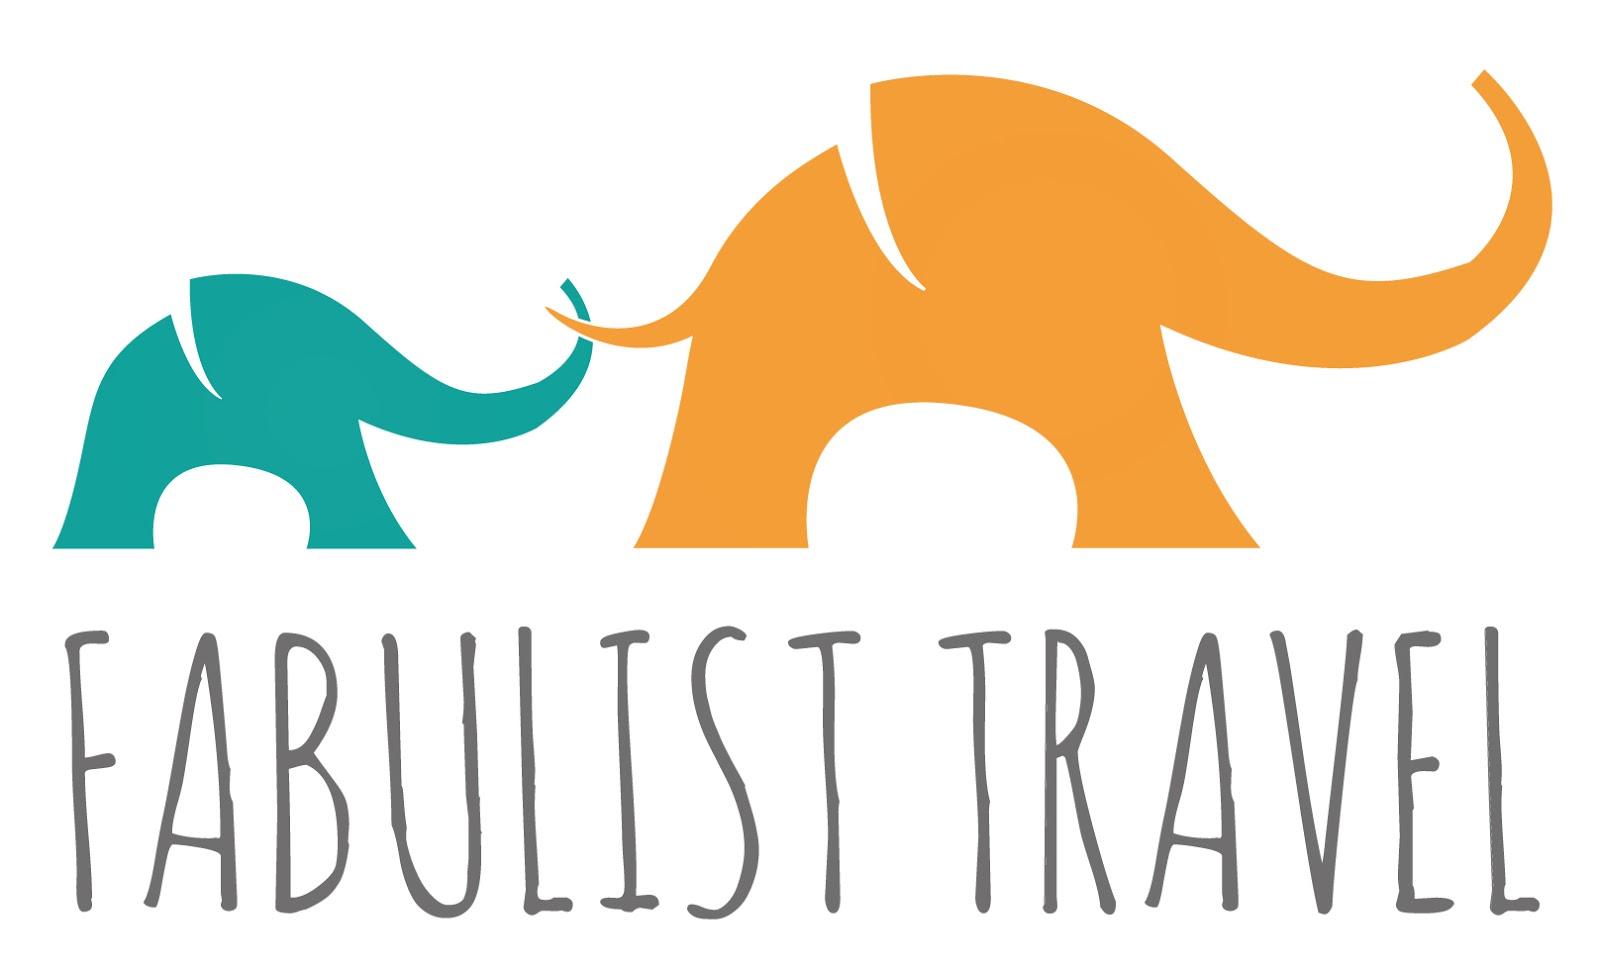 Fabulist confecciona de forma automática y en clave de inspiración viajes a  medida para familias con niños. Revolucionan el proceso de búsqueda  orientándolo